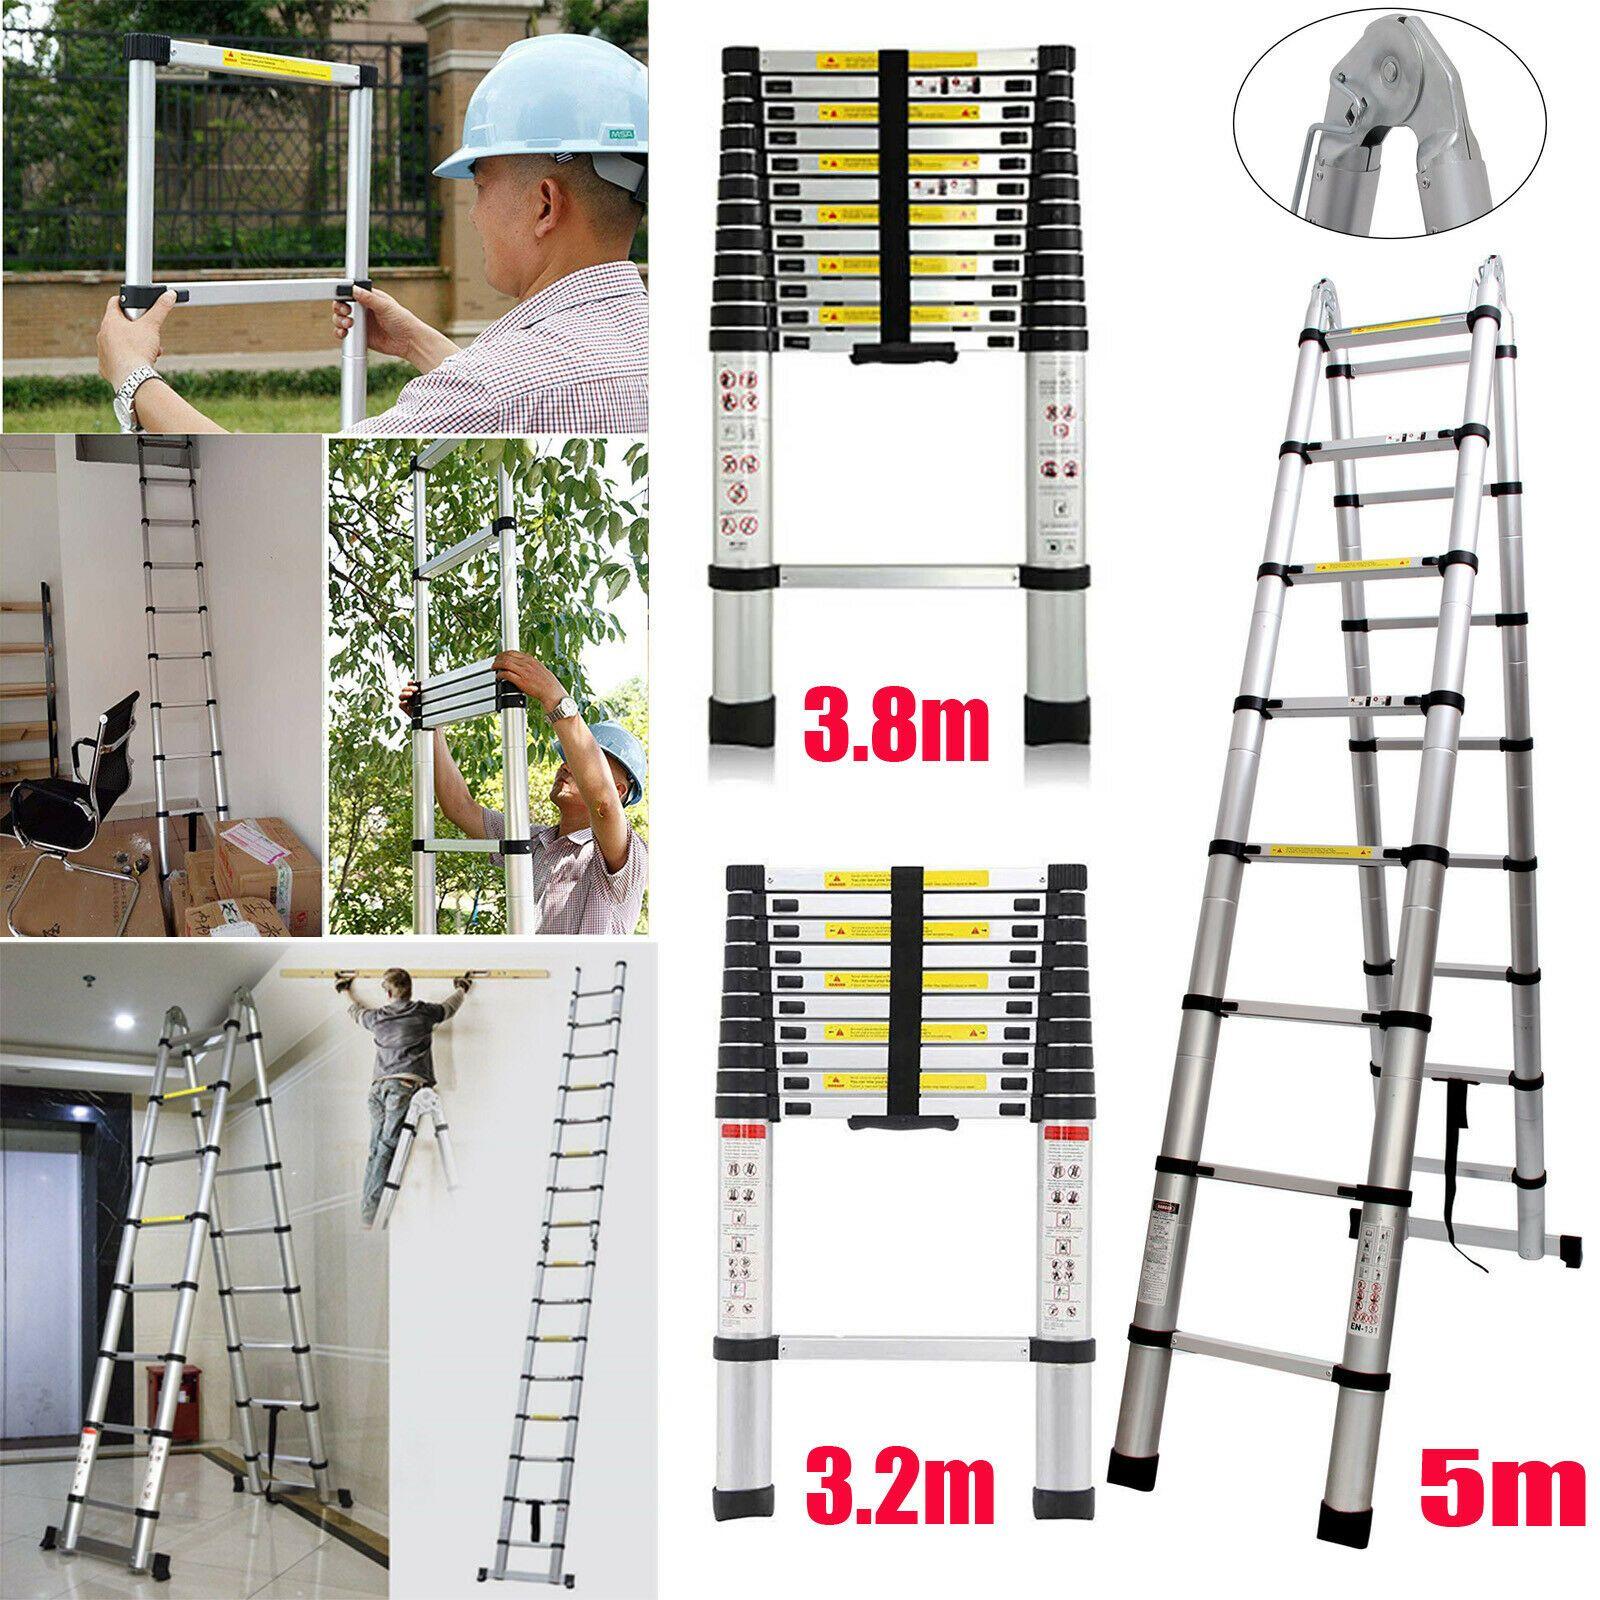 En131 10 5ft 12 5ft 16 5ft Telescopic Extension Aluminum Step Ladder Folding Usa Ladder Decor Ladderdecor In 2020 Ladder Decor Ladder Decor